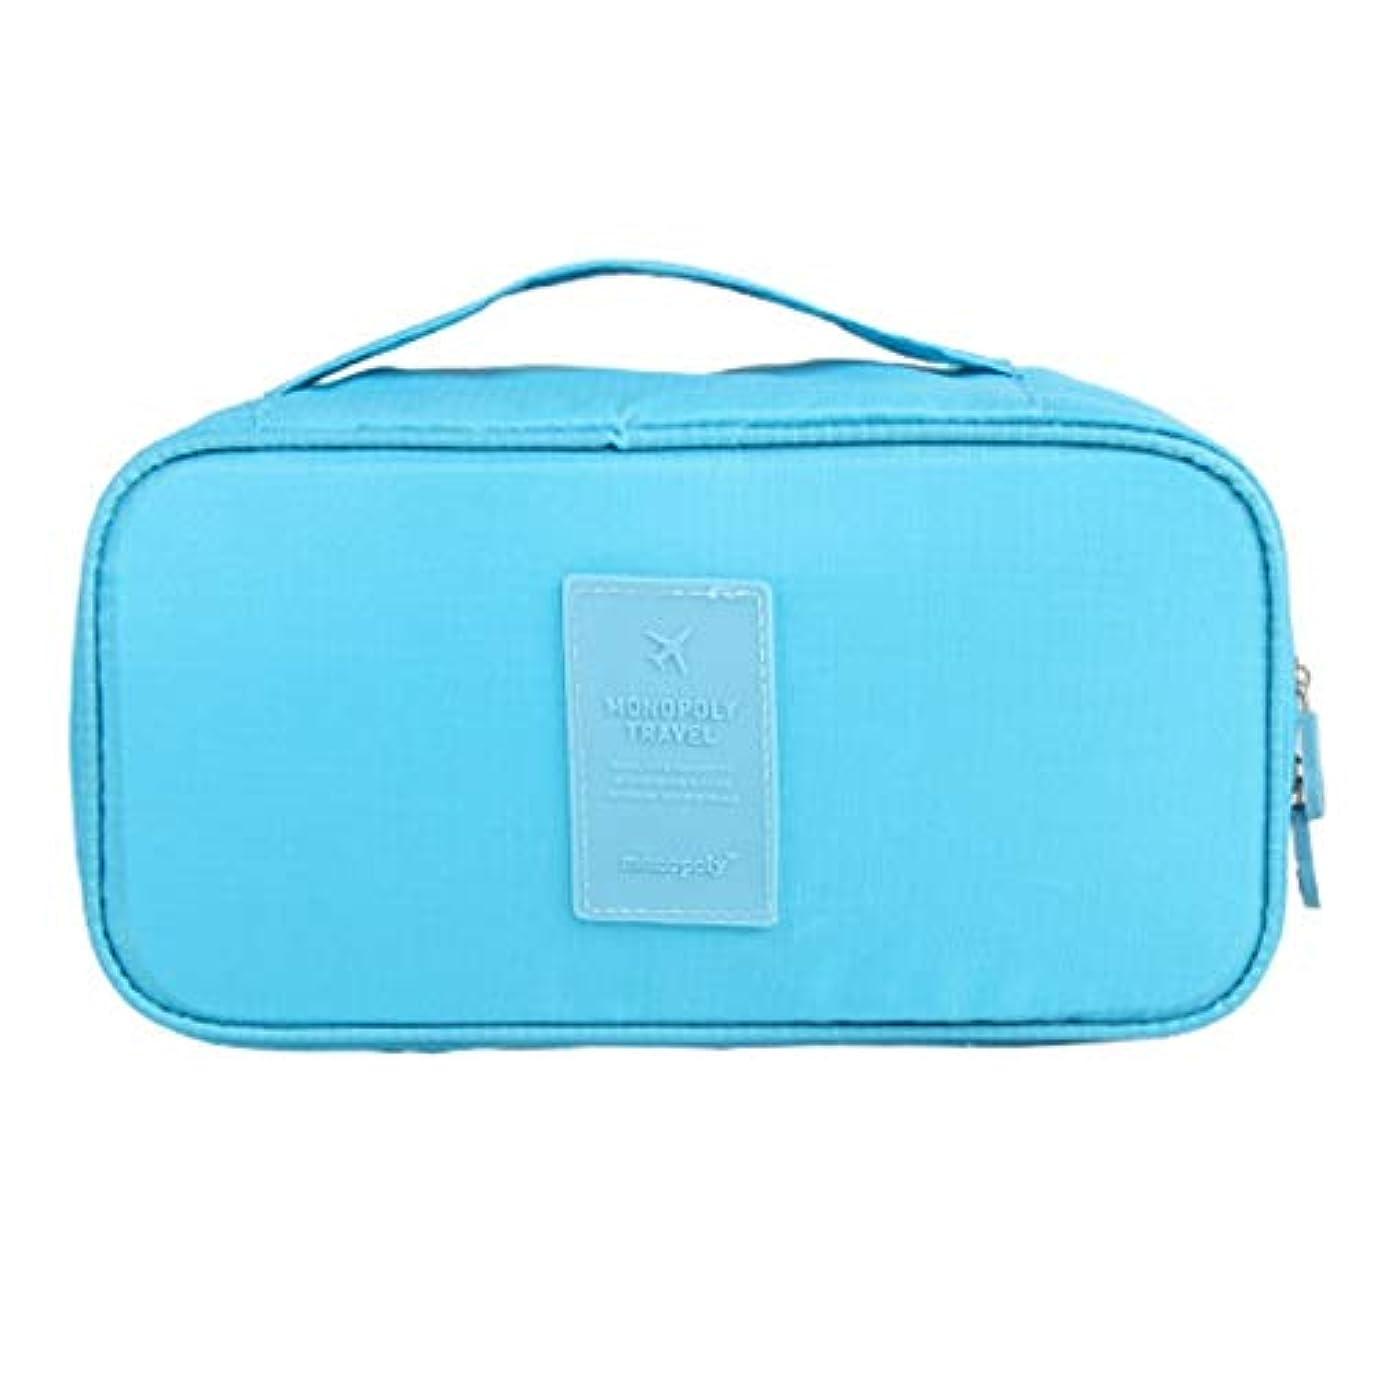 筋ショッキング中央値化粧オーガナイザーバッグ 旅行用品旅行用シェービングヘアバッグ 化粧品ケース (色 : 青)